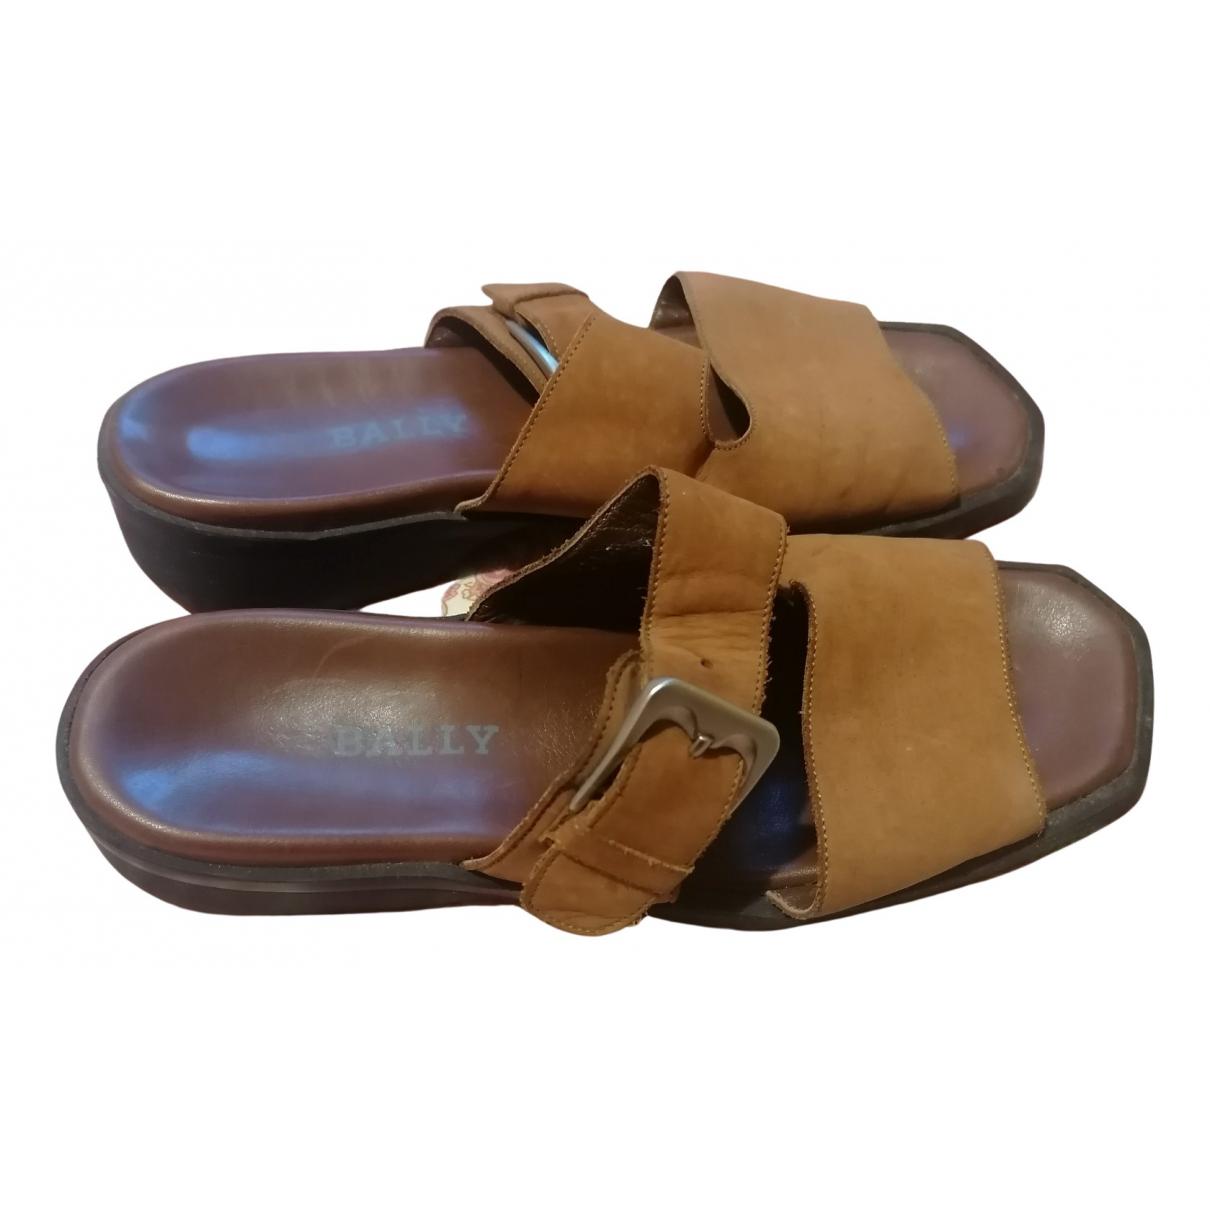 Bally - Sandales   pour femme en cuir - camel